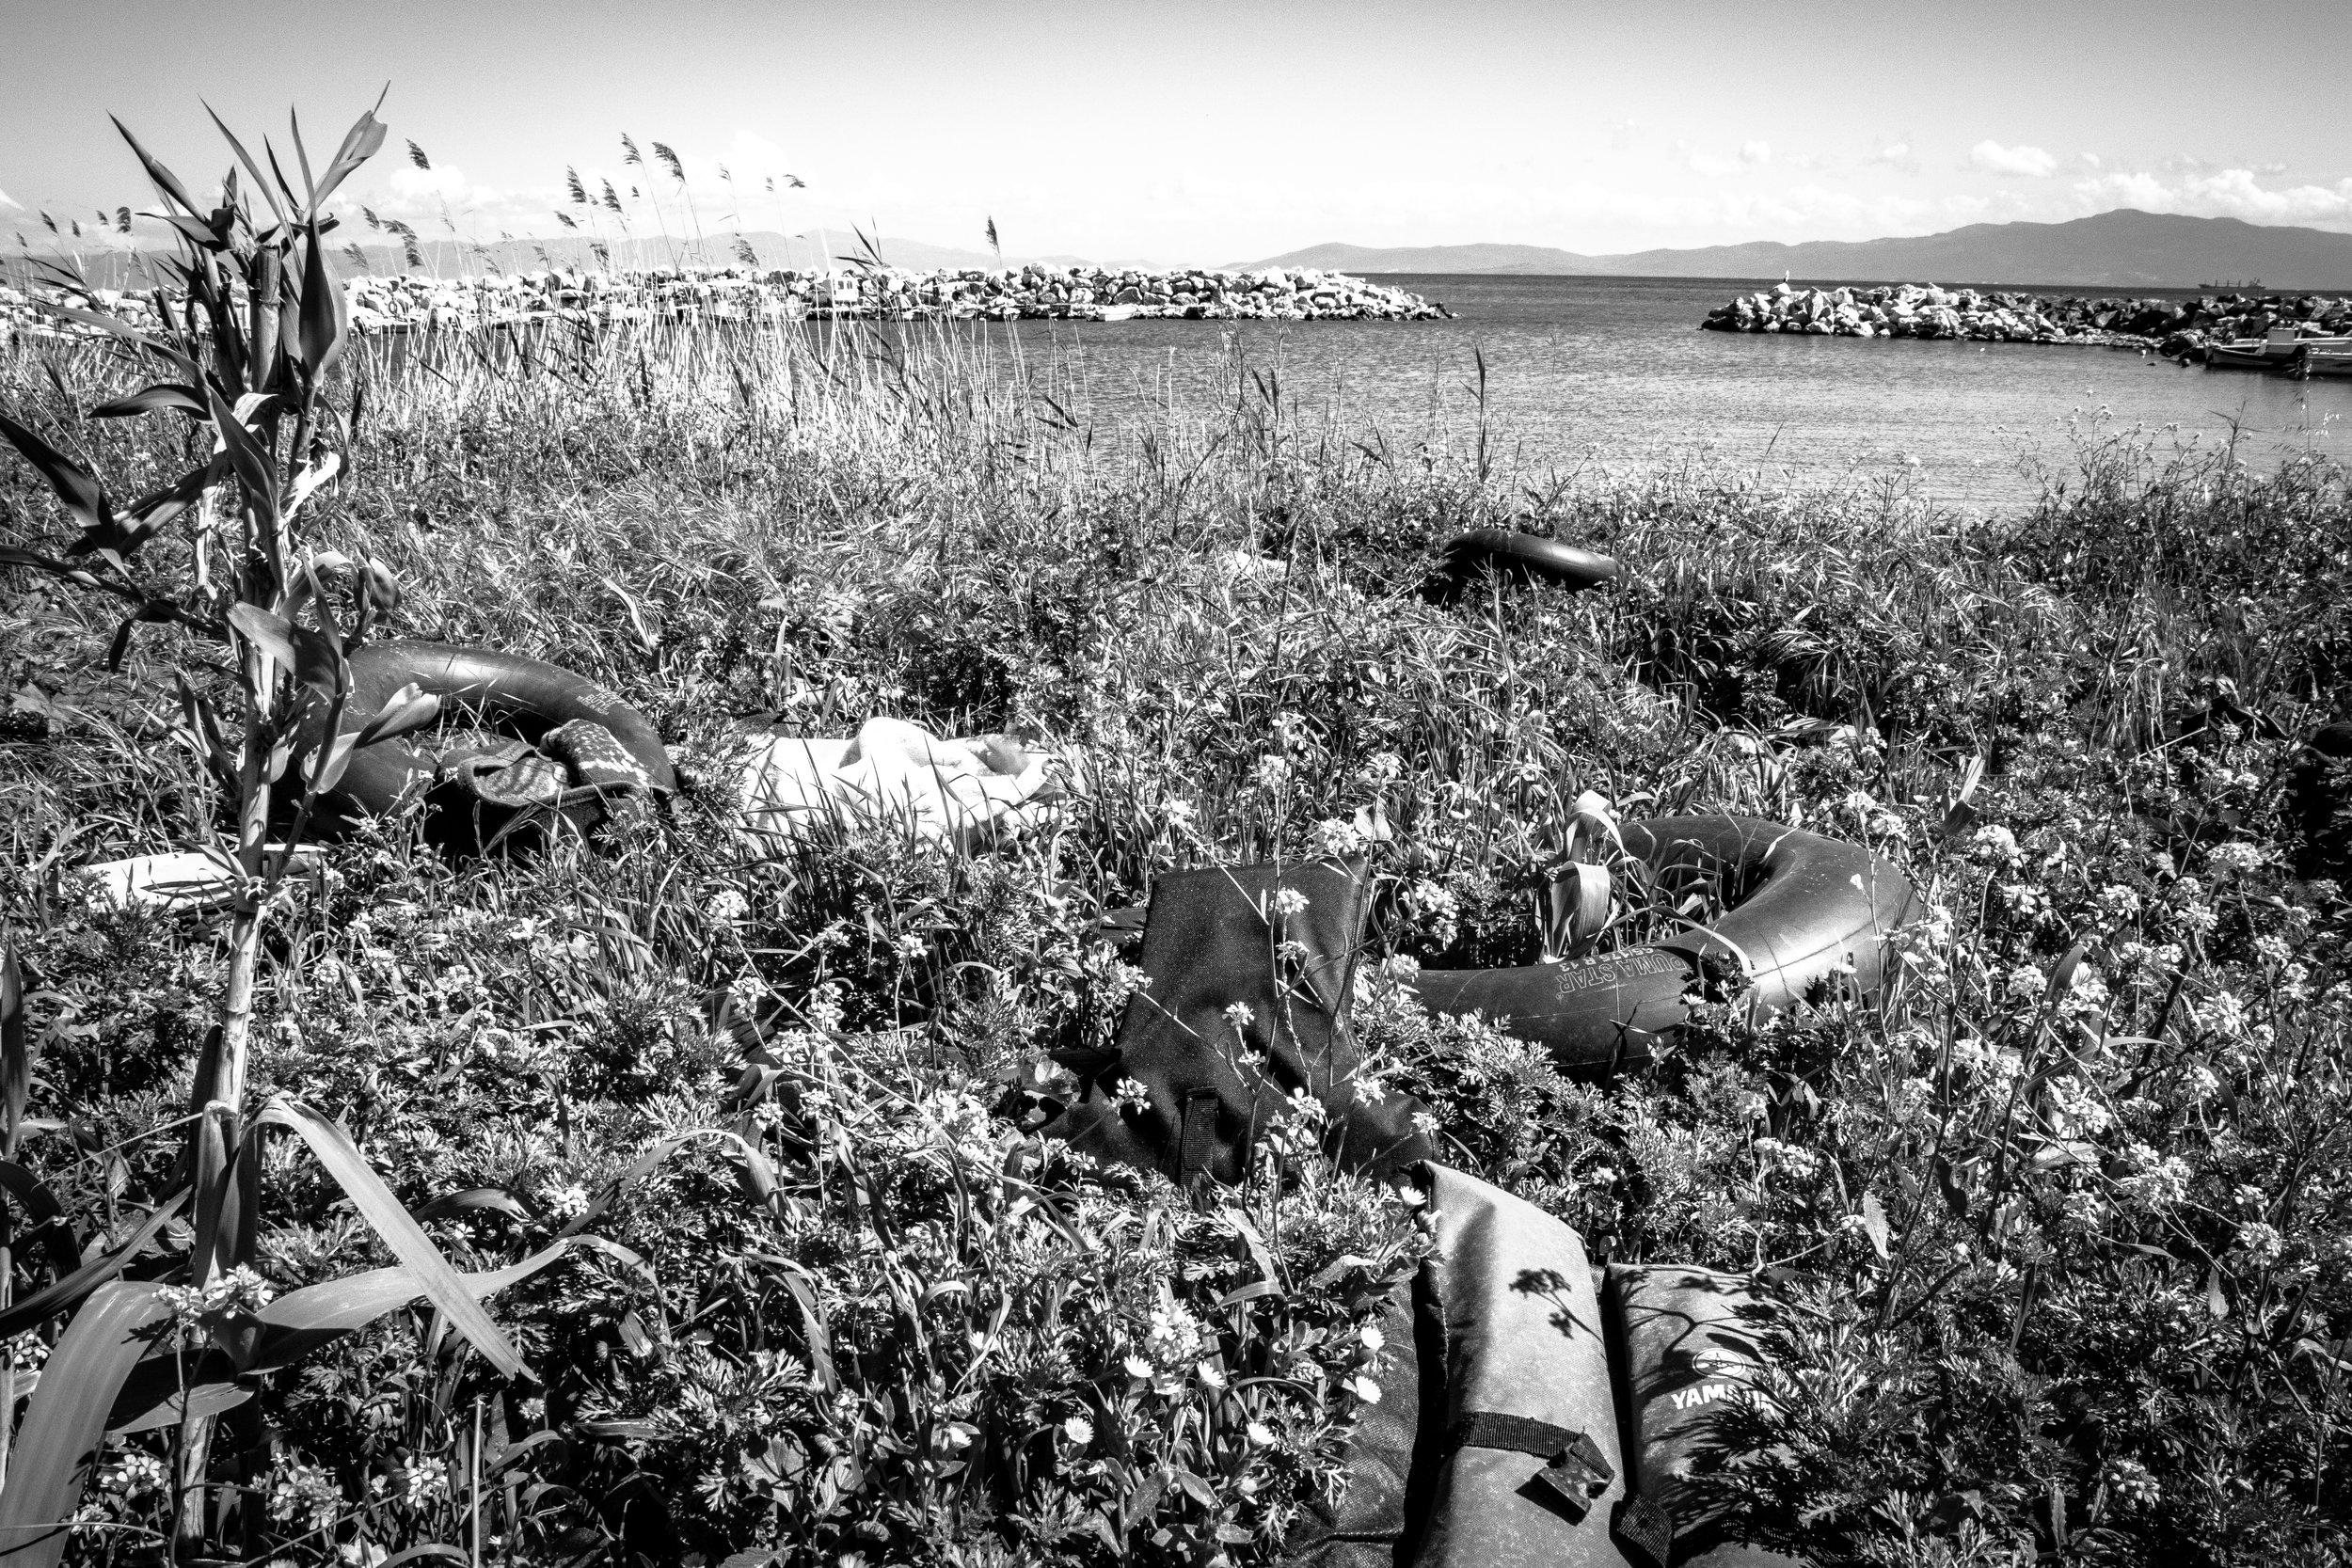 Landing Site Debris